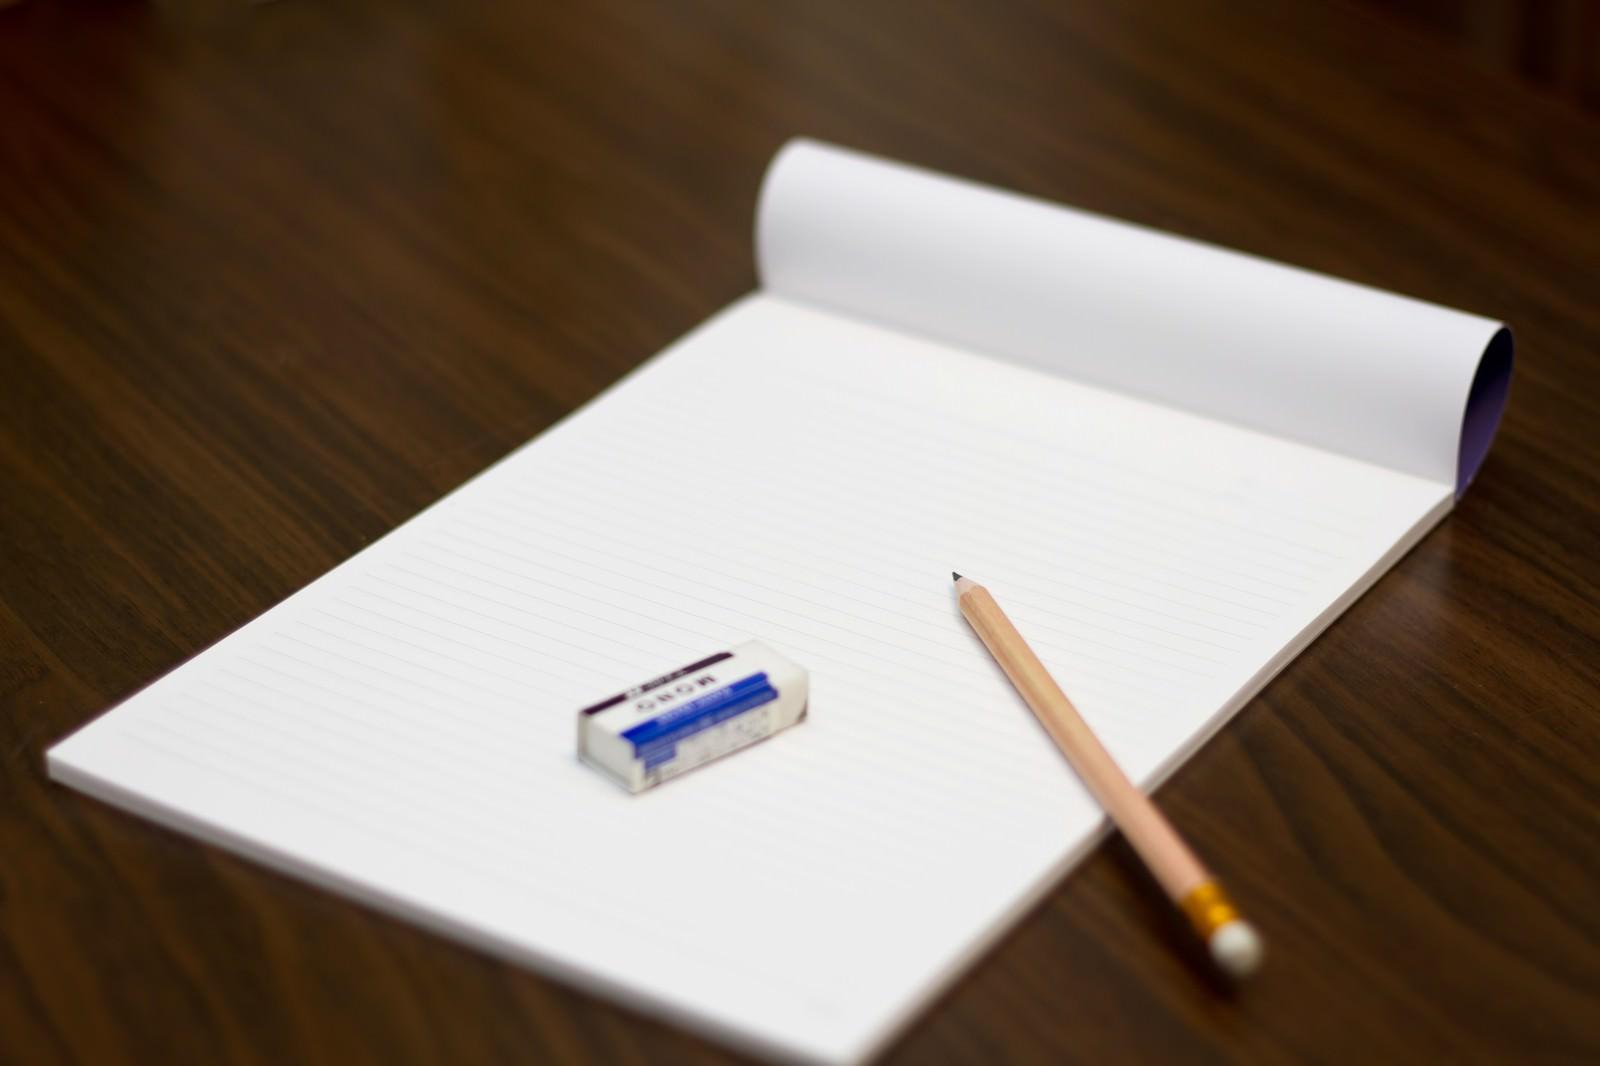 「鉛筆・ノート・消しゴム」の写真